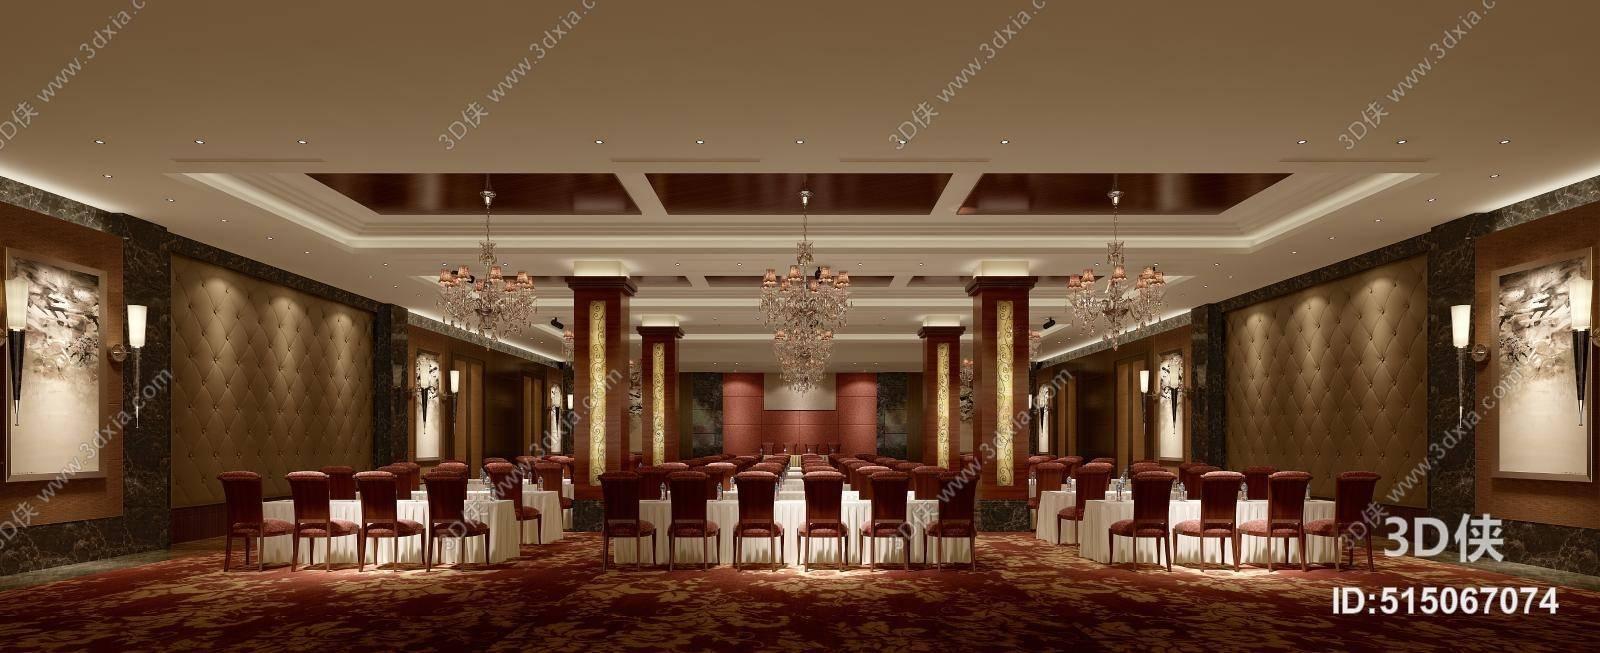 2010,建议使用3dmax 2012 软件打开,该欧式简约酒店会议厅图片素材